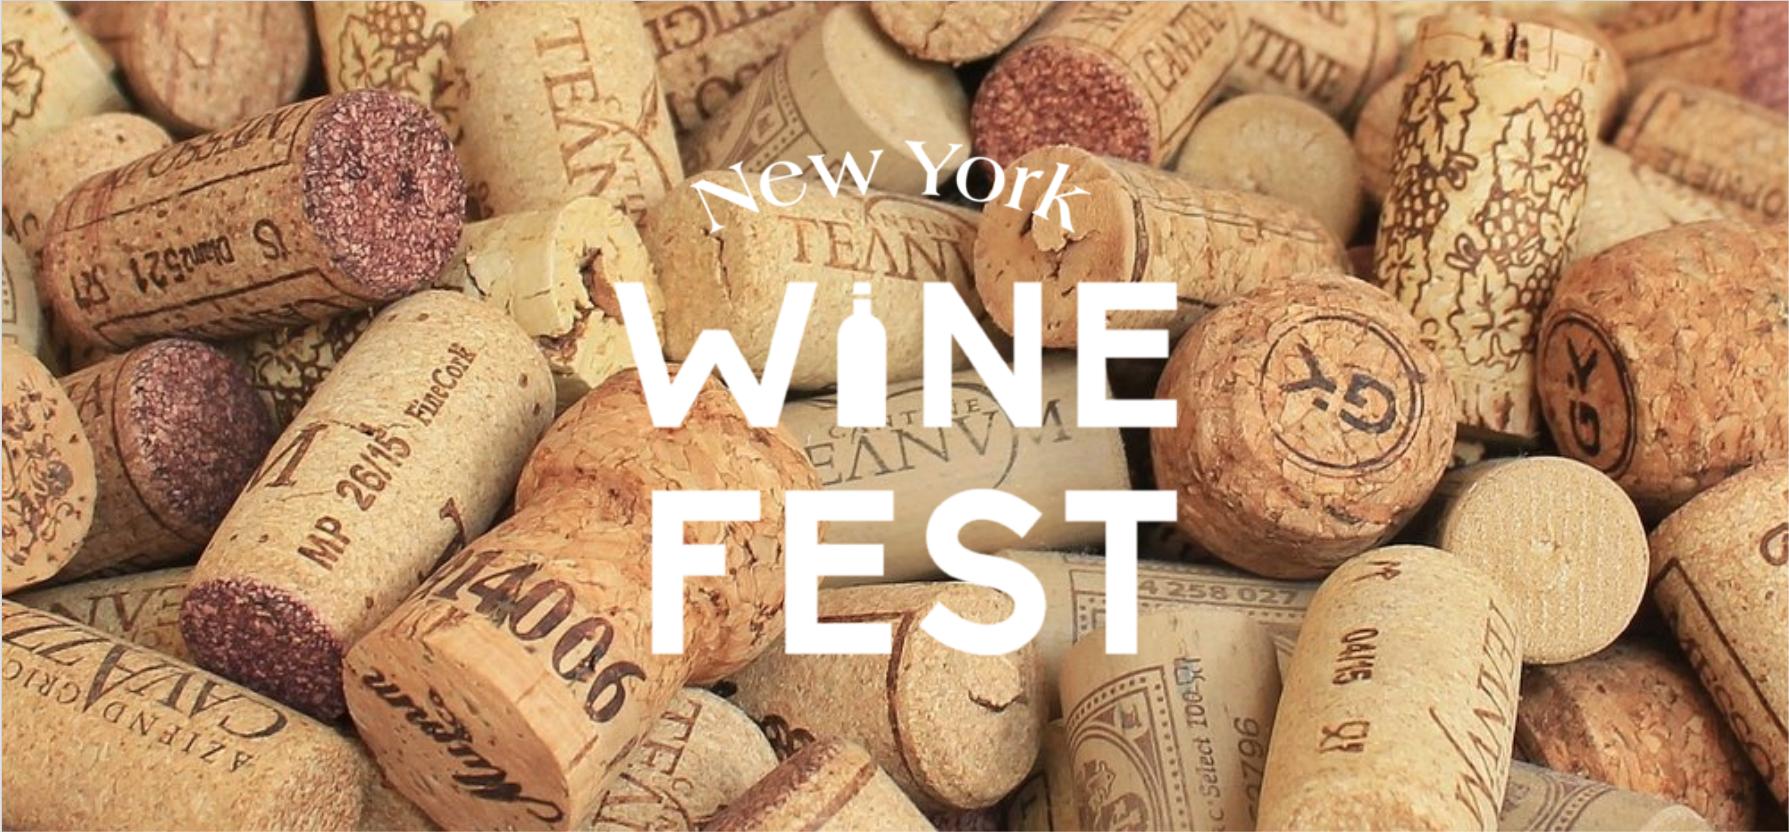 New York Wine Fest: Taste Wines From Around the World